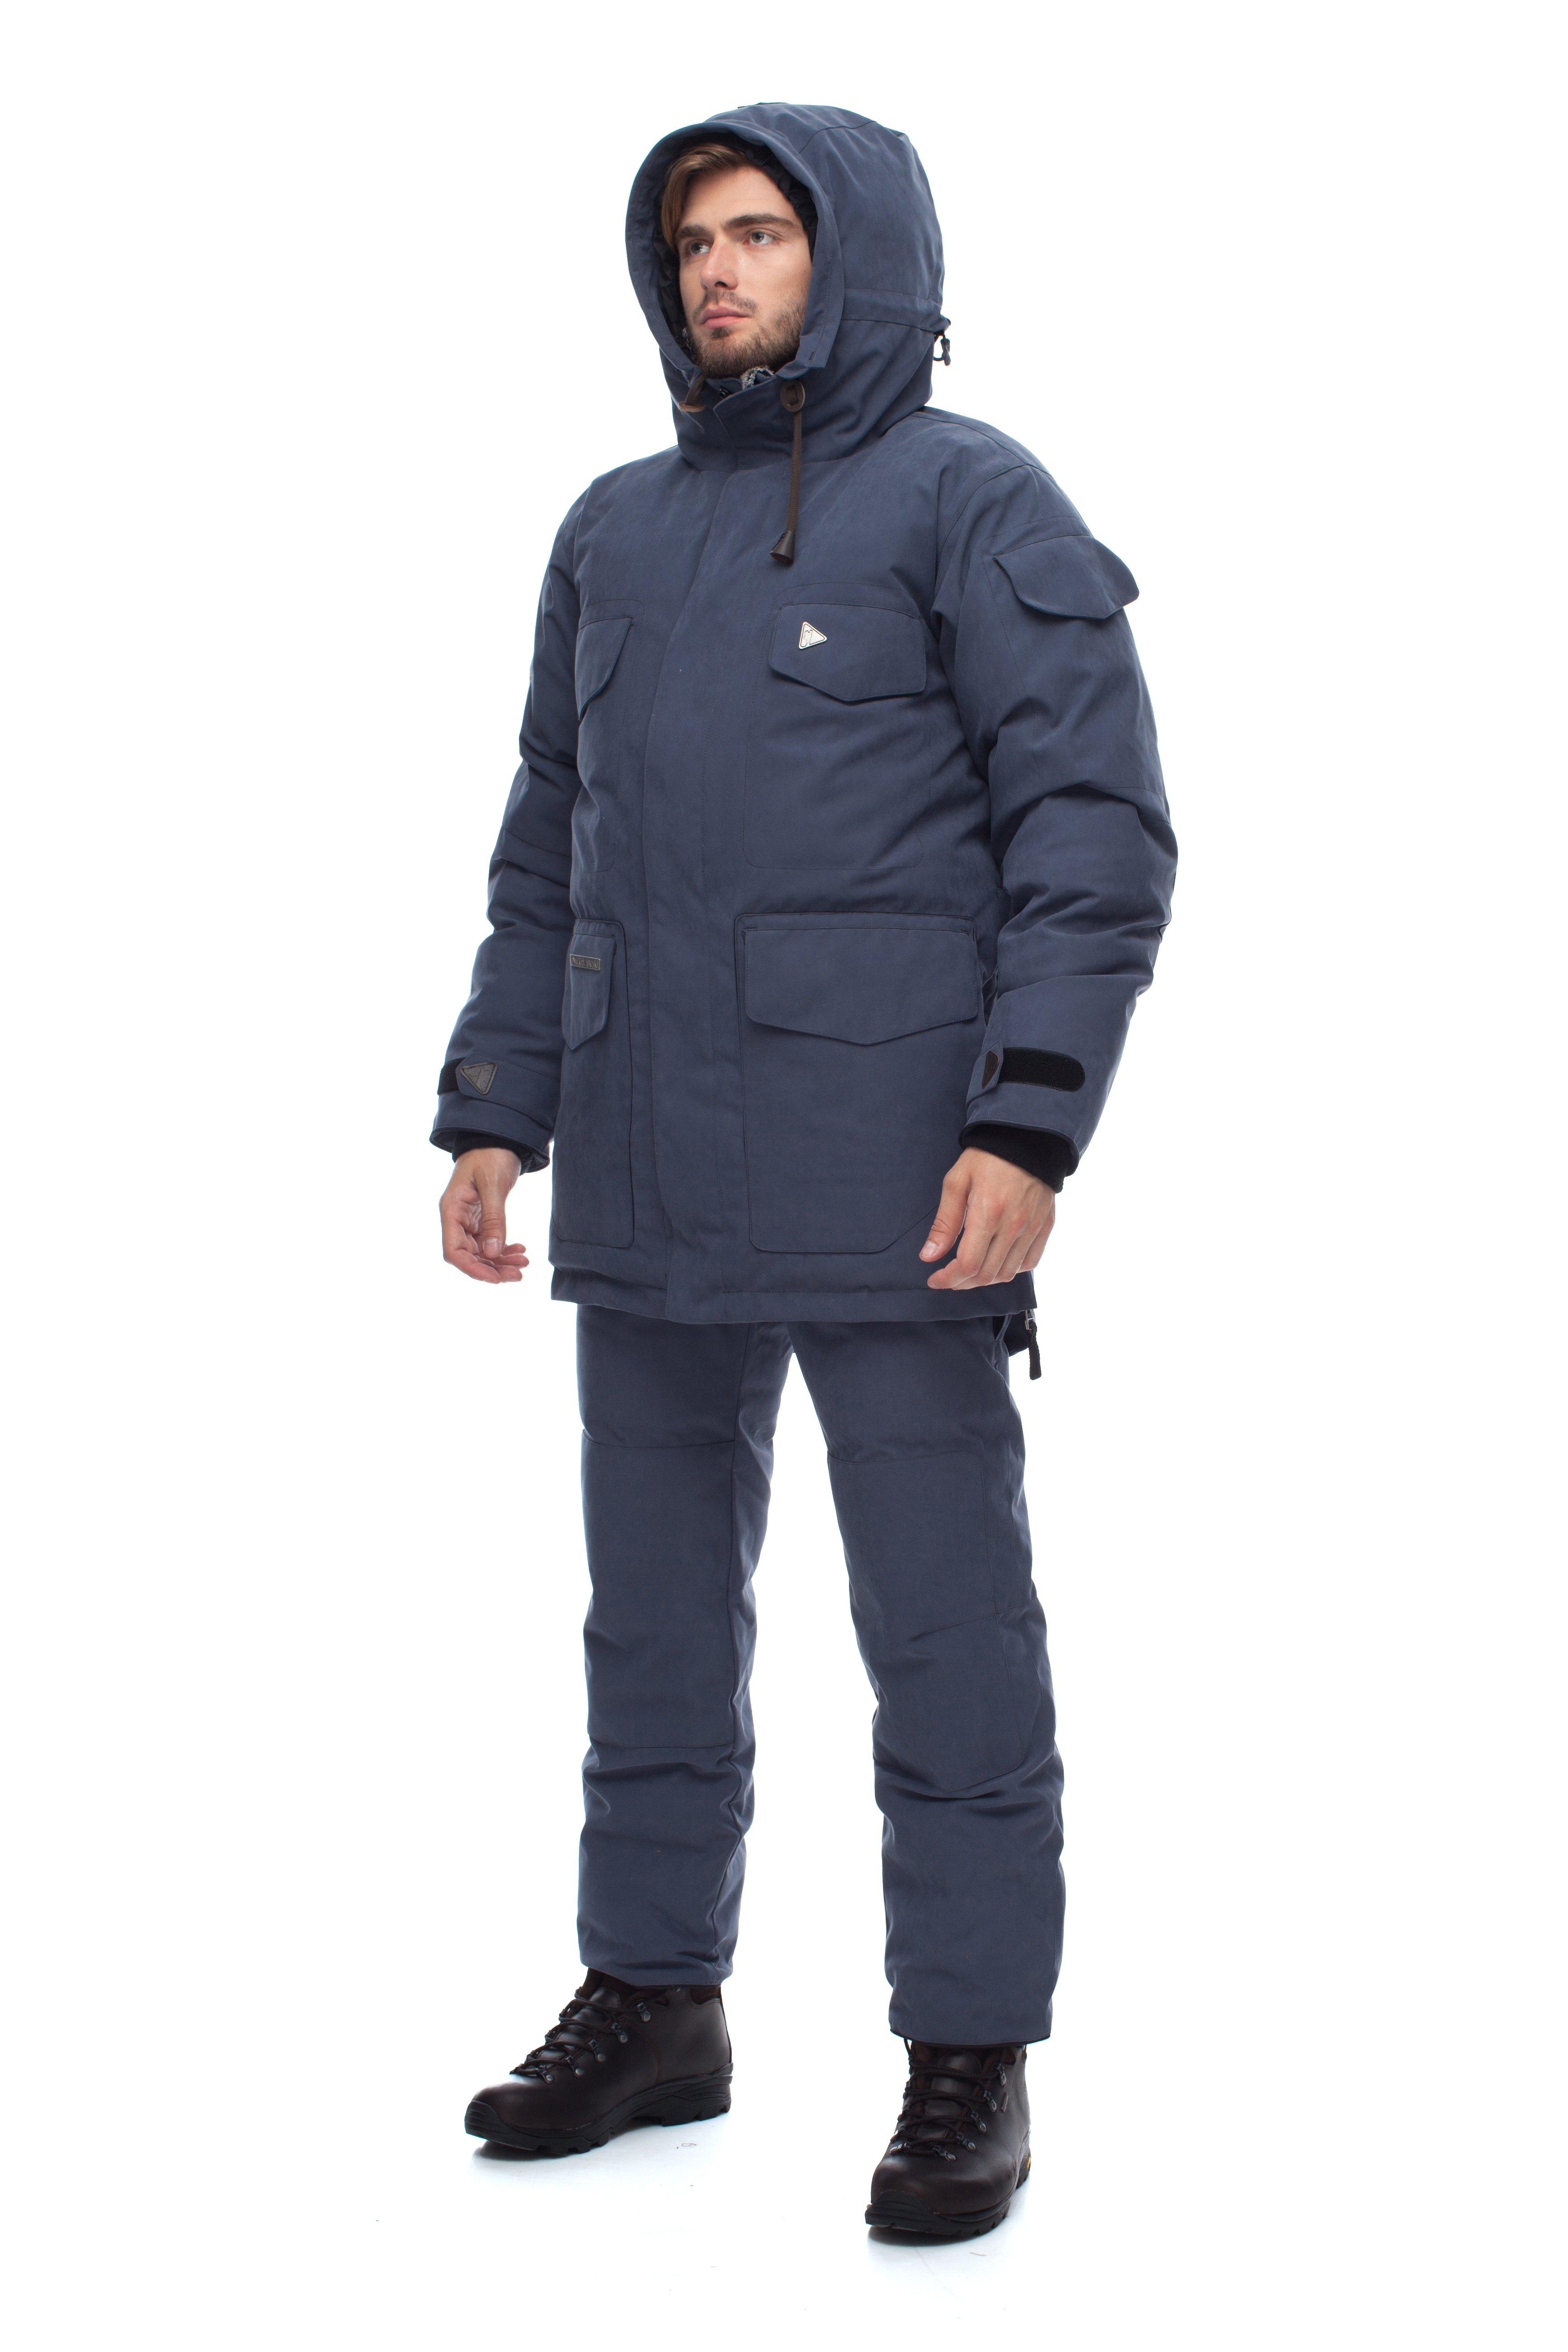 Куртка BASK SHL VANKOREM 1475Очень теплая многофункциональная мужская куртка из серии &amp;laquo;За Полярным кругом&amp;raquo; с синтетическим утеплителем Shelter&amp;reg;Sport.<br><br>&quot;Дышащие&quot; свойства: Да<br>Верхняя ткань: Advance® Alaska<br>Вес граммы: 2680<br>Вес утеплителя: 400<br>Ветро-влагозащитные свойства верхней ткани: Да<br>Ветрозащитная планка: Нет<br>Ветрозащитная юбка: Да<br>Влагозащитные молнии: Нет<br>Внутренние манжеты: Да<br>Внутренняя ткань: Advance® Classic<br>Водонепроницаемость: 5000<br>Дублирующий центральную молнию клапан: Да<br>Защитный козырёк капюшона: Нет<br>Капюшон: Несъемный<br>Карман для средств связи: Да<br>Количество внешних карманов: 9<br>Количество внутренних карманов: 2<br>Коллекция: Pole to Pole<br>Мембрана: Да<br>Объемный крой локтевой зоны: Да<br>Отстёгивающиеся рукава: Нет<br>Паропроницаемость: 5000<br>Показатель Fill Power (для пуховых изделий): Нет<br>Пол: Мужской<br>Проклейка швов: Нет<br>Регулировка манжетов рукавов: Да<br>Регулировка низа: Нет<br>Регулировка объёма капюшона: Да<br>Регулировка талии: Да<br>Регулируемые вентиляционные отверстия: Нет<br>Световозвращающая лента: Нет<br>Температурный режим: -40<br>Технология Thermal Welding: Нет<br>Технология швов: Простые<br>Тип молнии: Двухзамковая<br>Тип утеплителя: Синтетический<br>Ткань усиления: Нет<br>Усиление контактных зон: Да<br>Утеплитель: Shelter®Sport<br>Размер RU: 50<br>Цвет: СИНИЙ